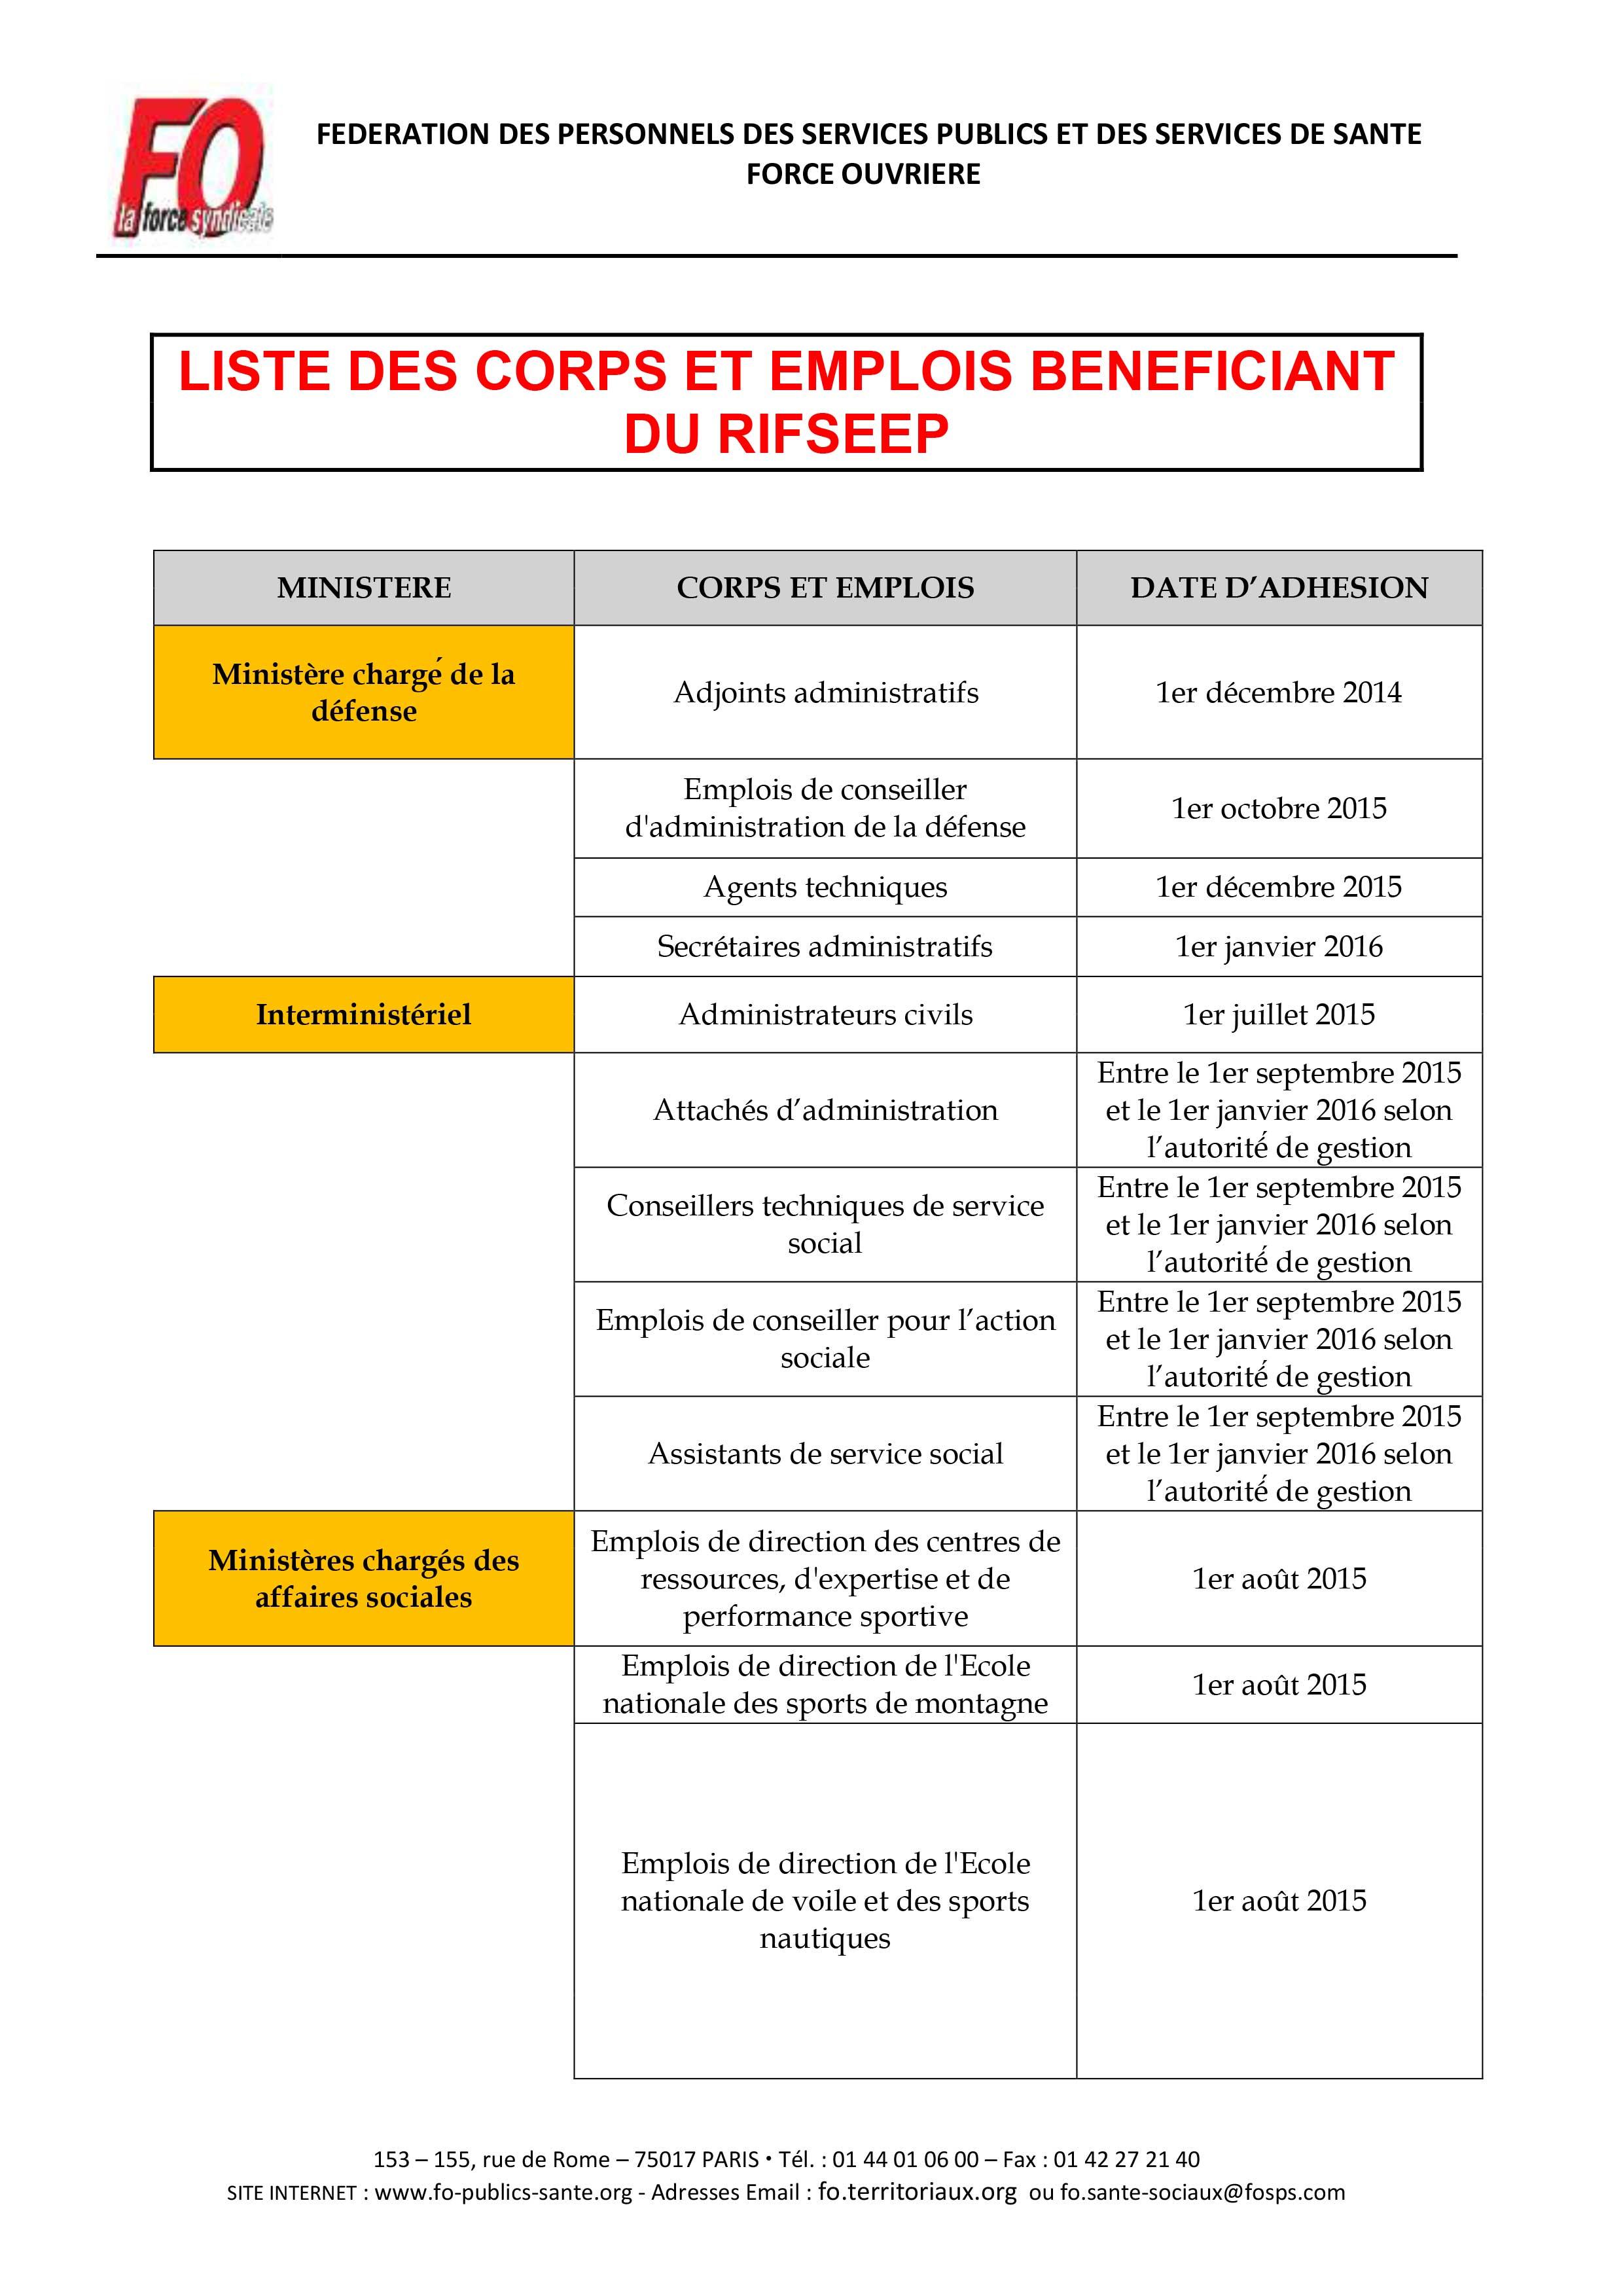 Liste des emplois b n ficiant du rifseep fo territoriaux 42 - Historique plafond de la securite sociale ...